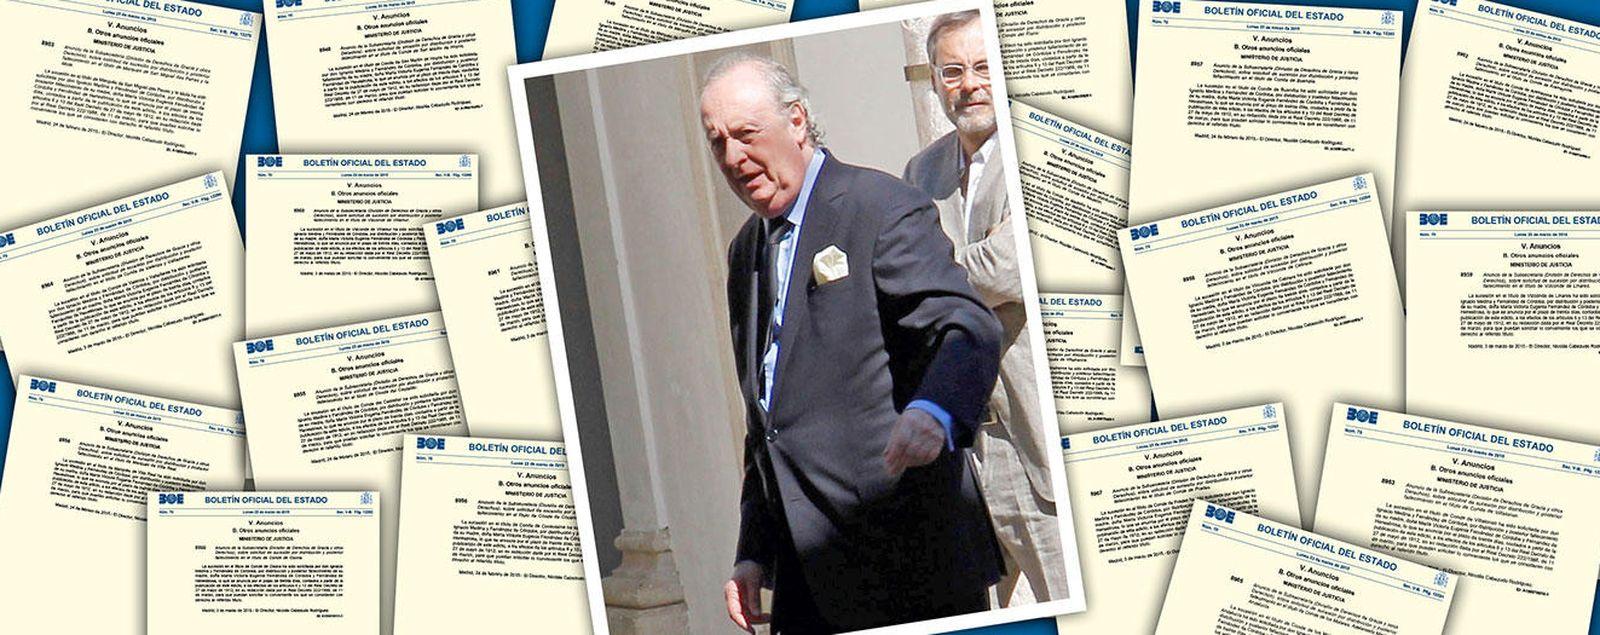 Foto: El duque de Segorbe, Ignacio Medina, ha solicitado 20 títulos nobiliarios (Montaje: Vanitatis)